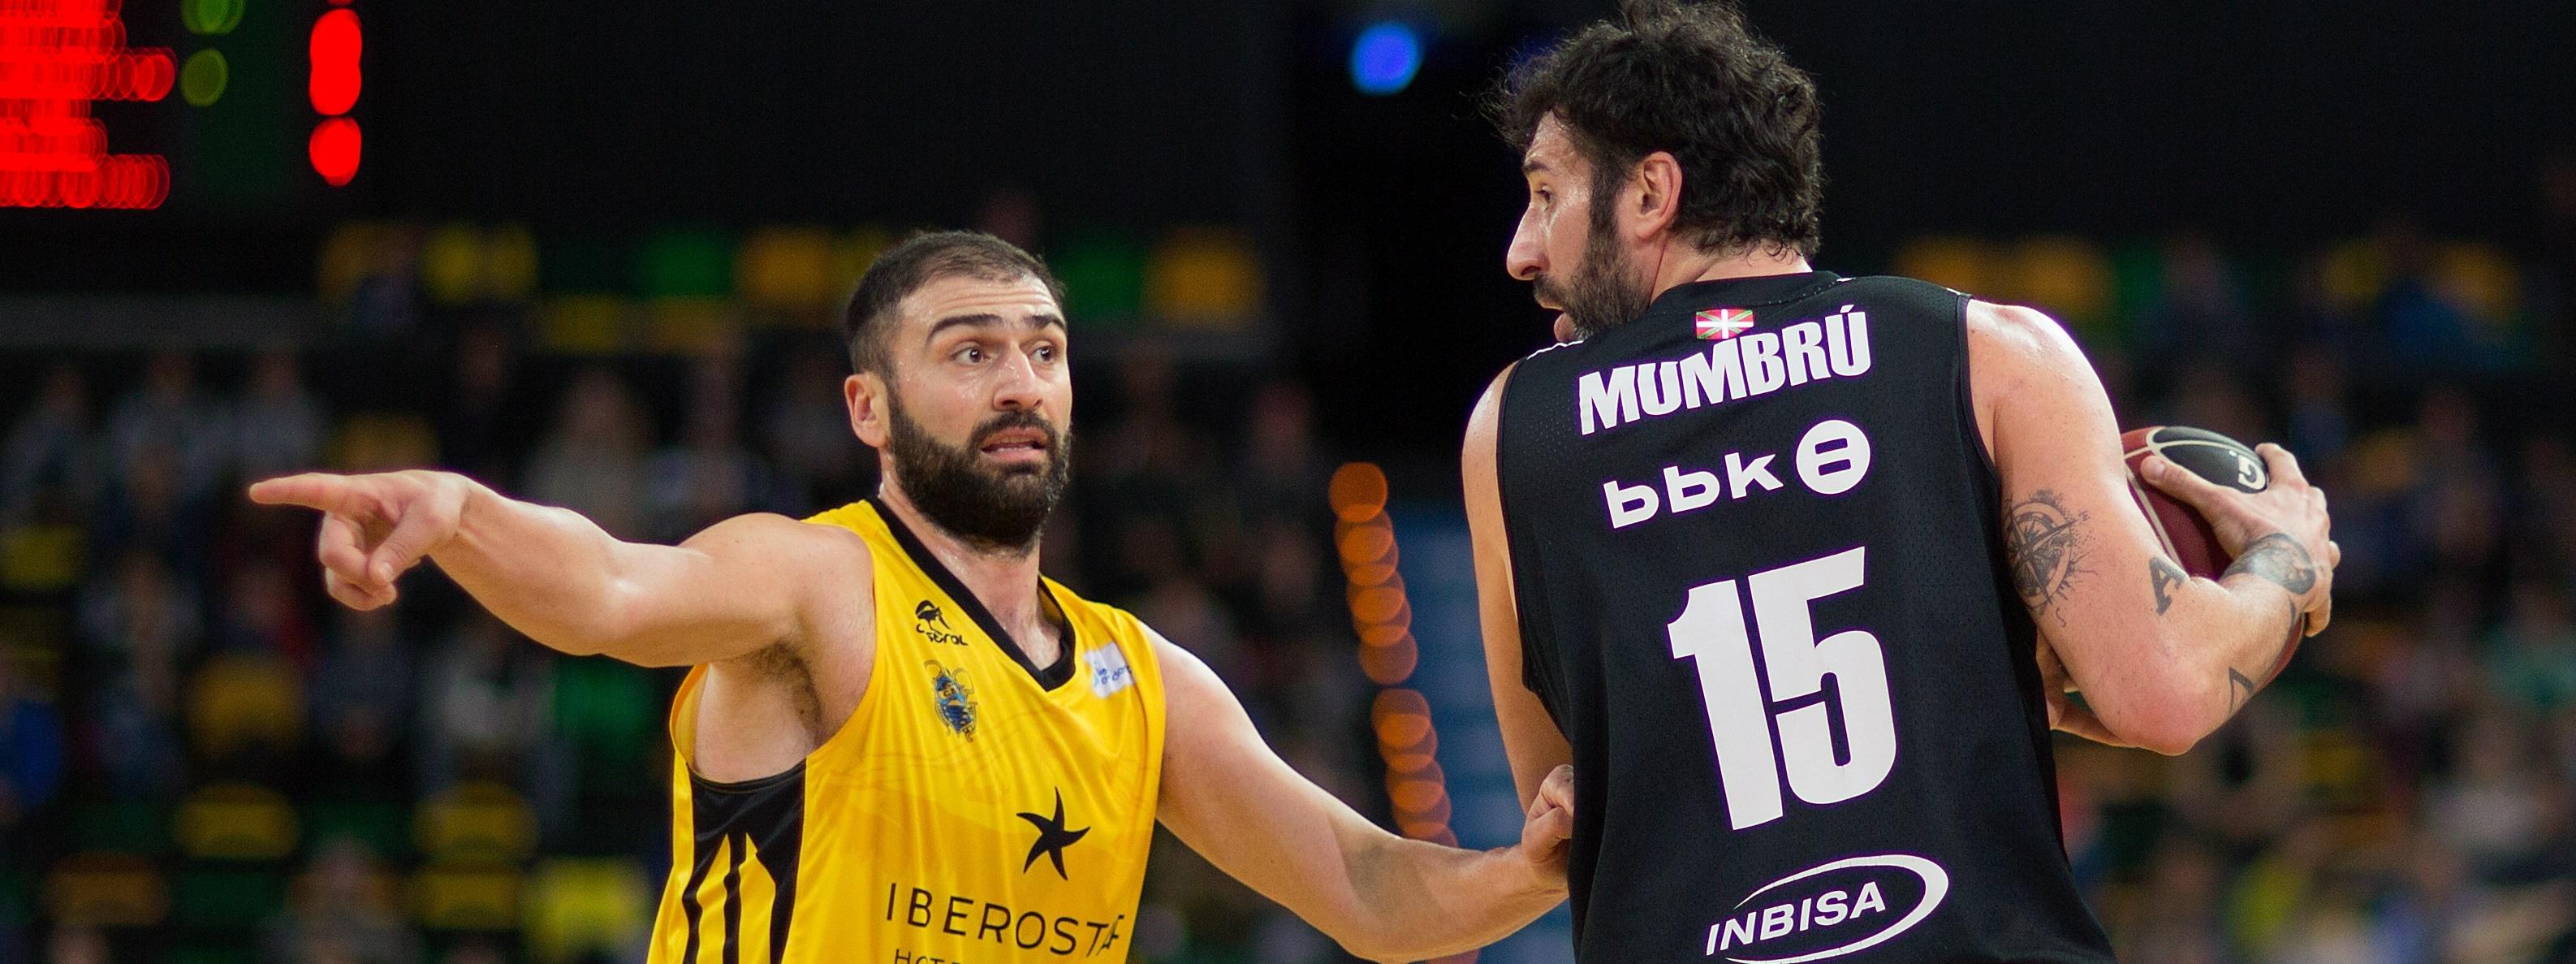 Vasileiadis, tras decir que le gustaría volver a Bilbao, ahora dice que quiere seguir de aurinegro